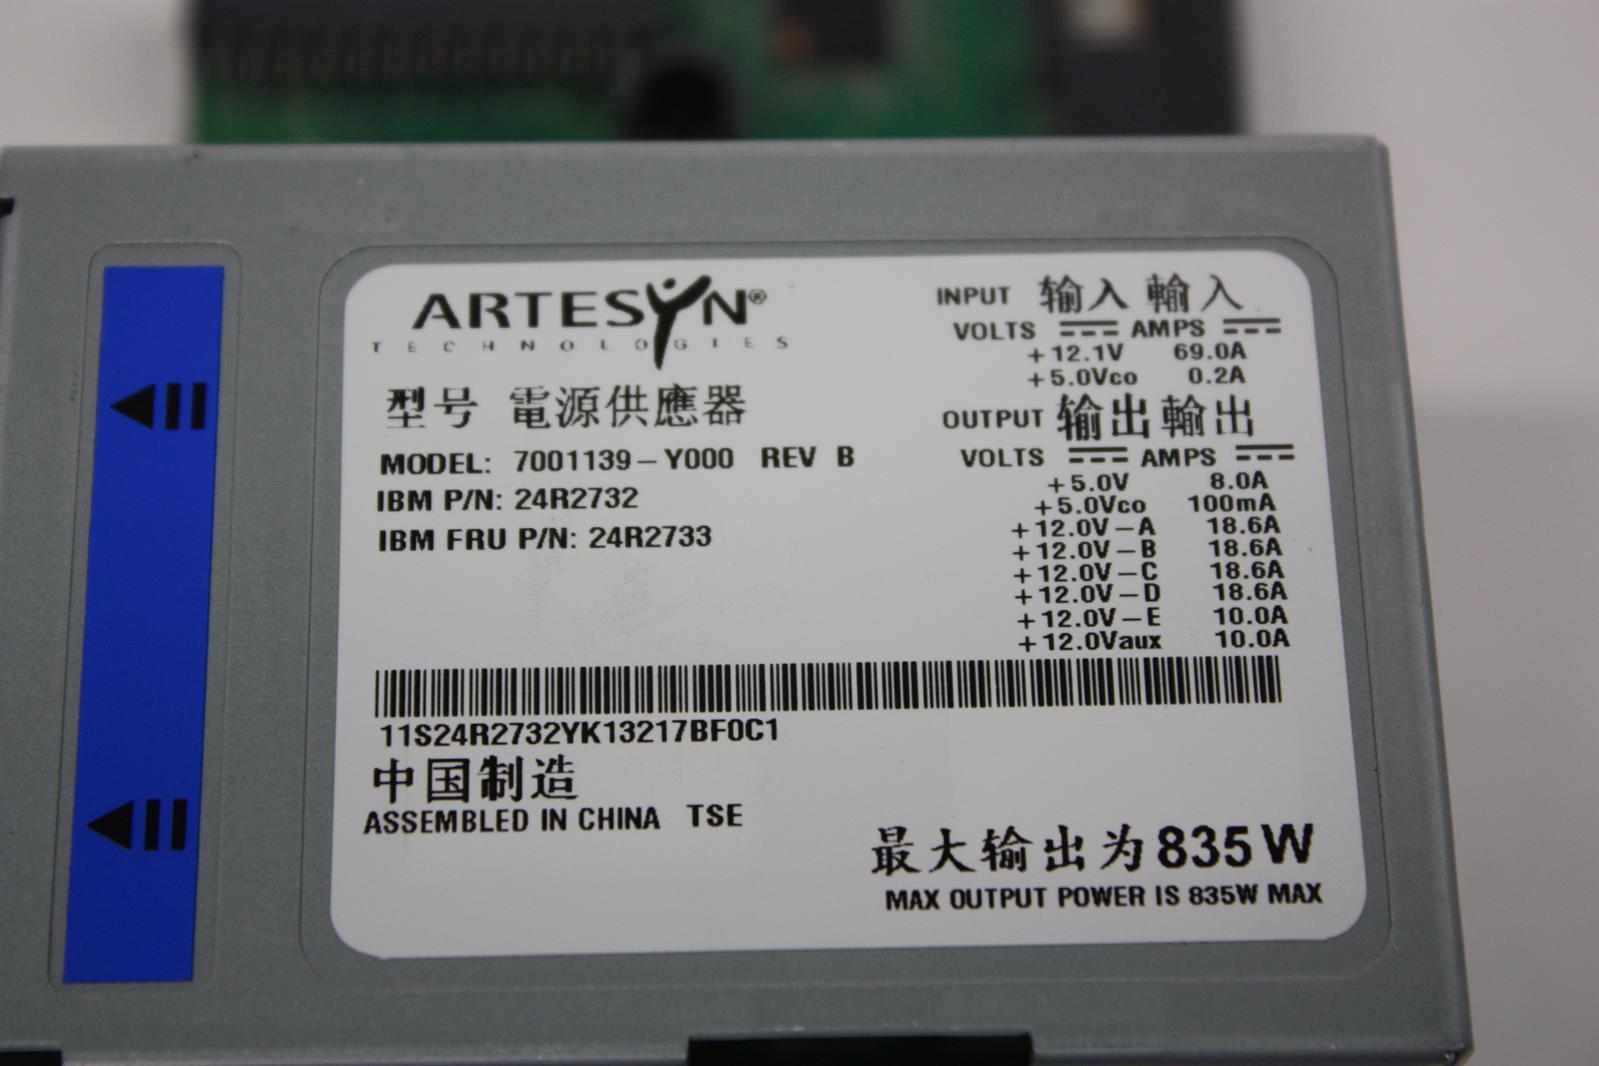 artseyn ibm x3650 power supply distribution board 7001139 y000 rh ebay com